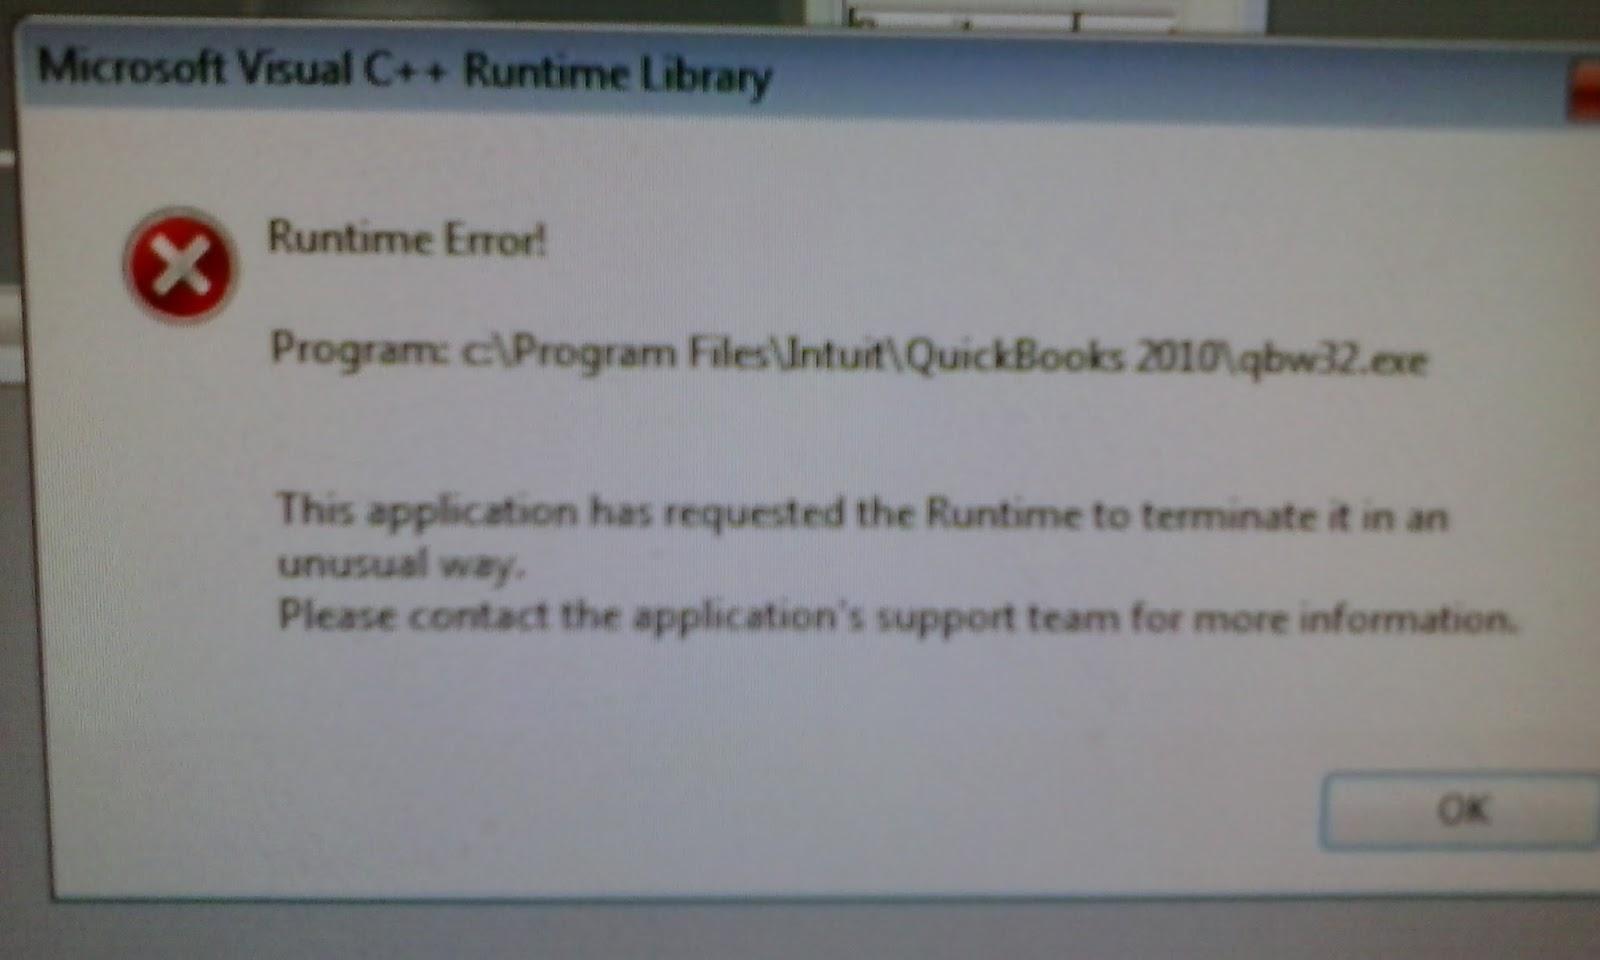 qbw32.exe quickbooks